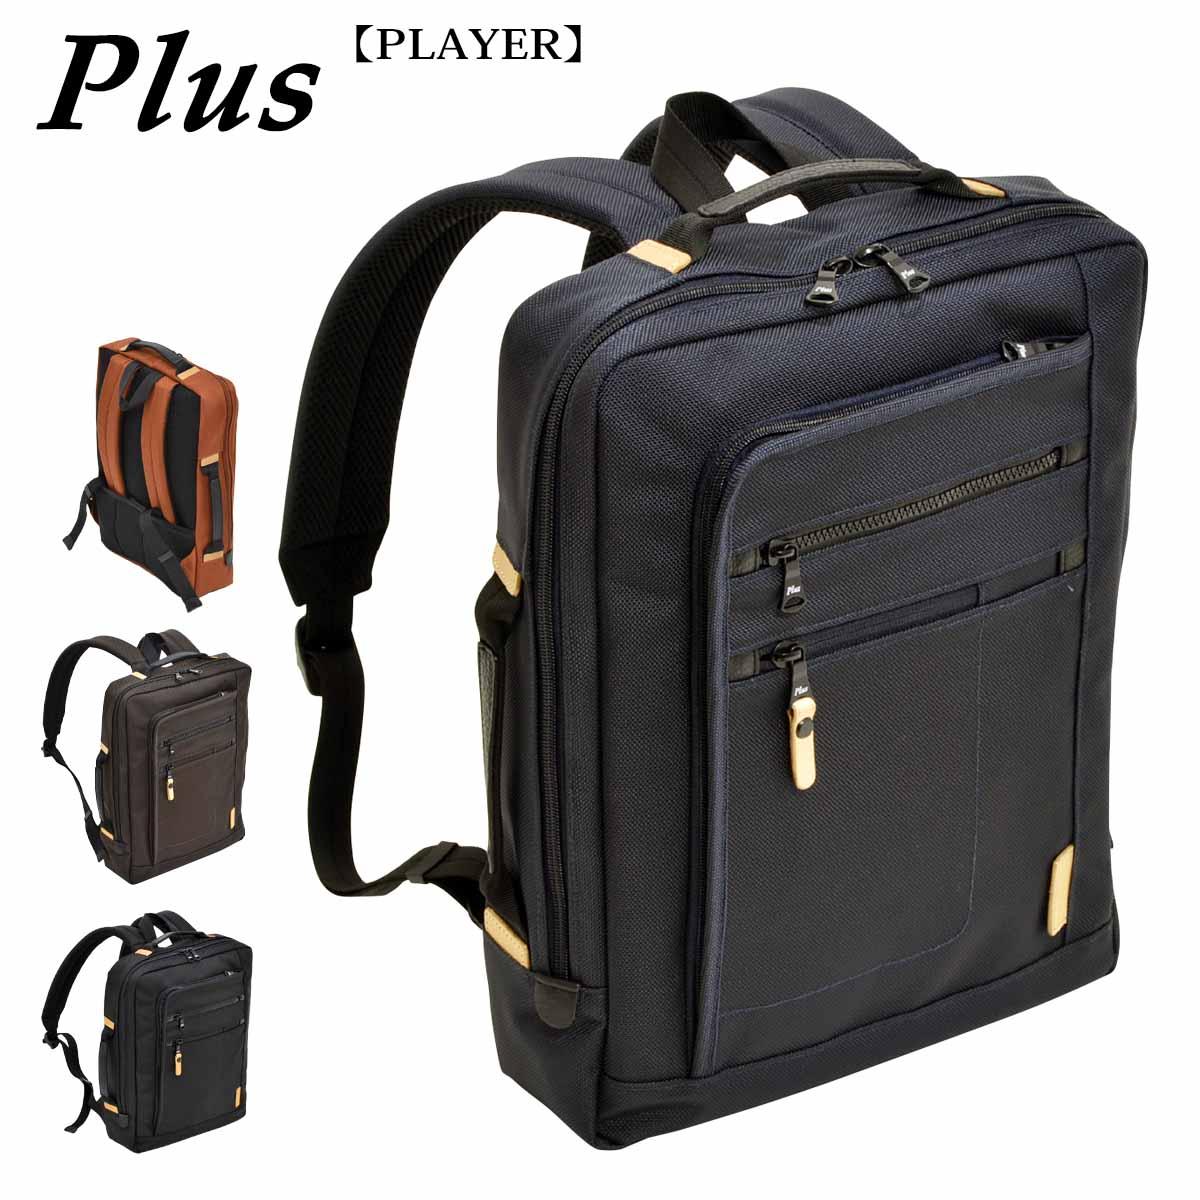 ビジネスバッグ Plus PLAYER プリュース No:2-751 カラフル おしゃれ ビジネス リュック ノート PC モバイル A4ファイル 対応 ON・OFF 問わず 通勤 通学 就活 エンドー鞄